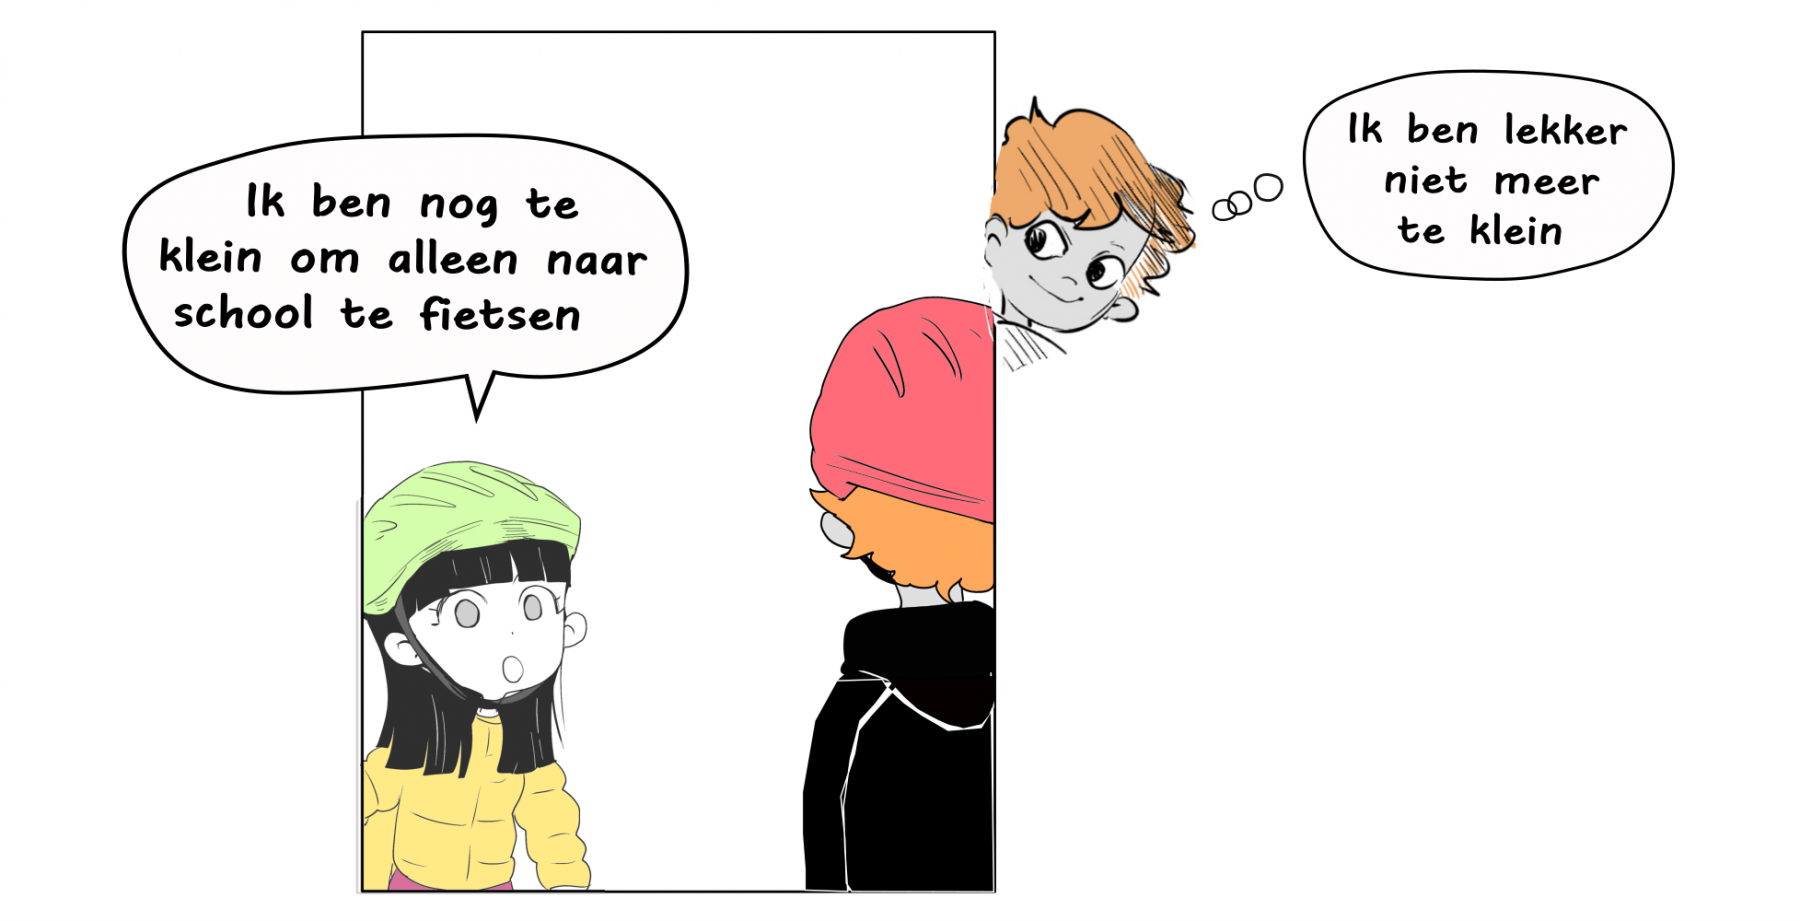 NL_06_nochzuklein_1000